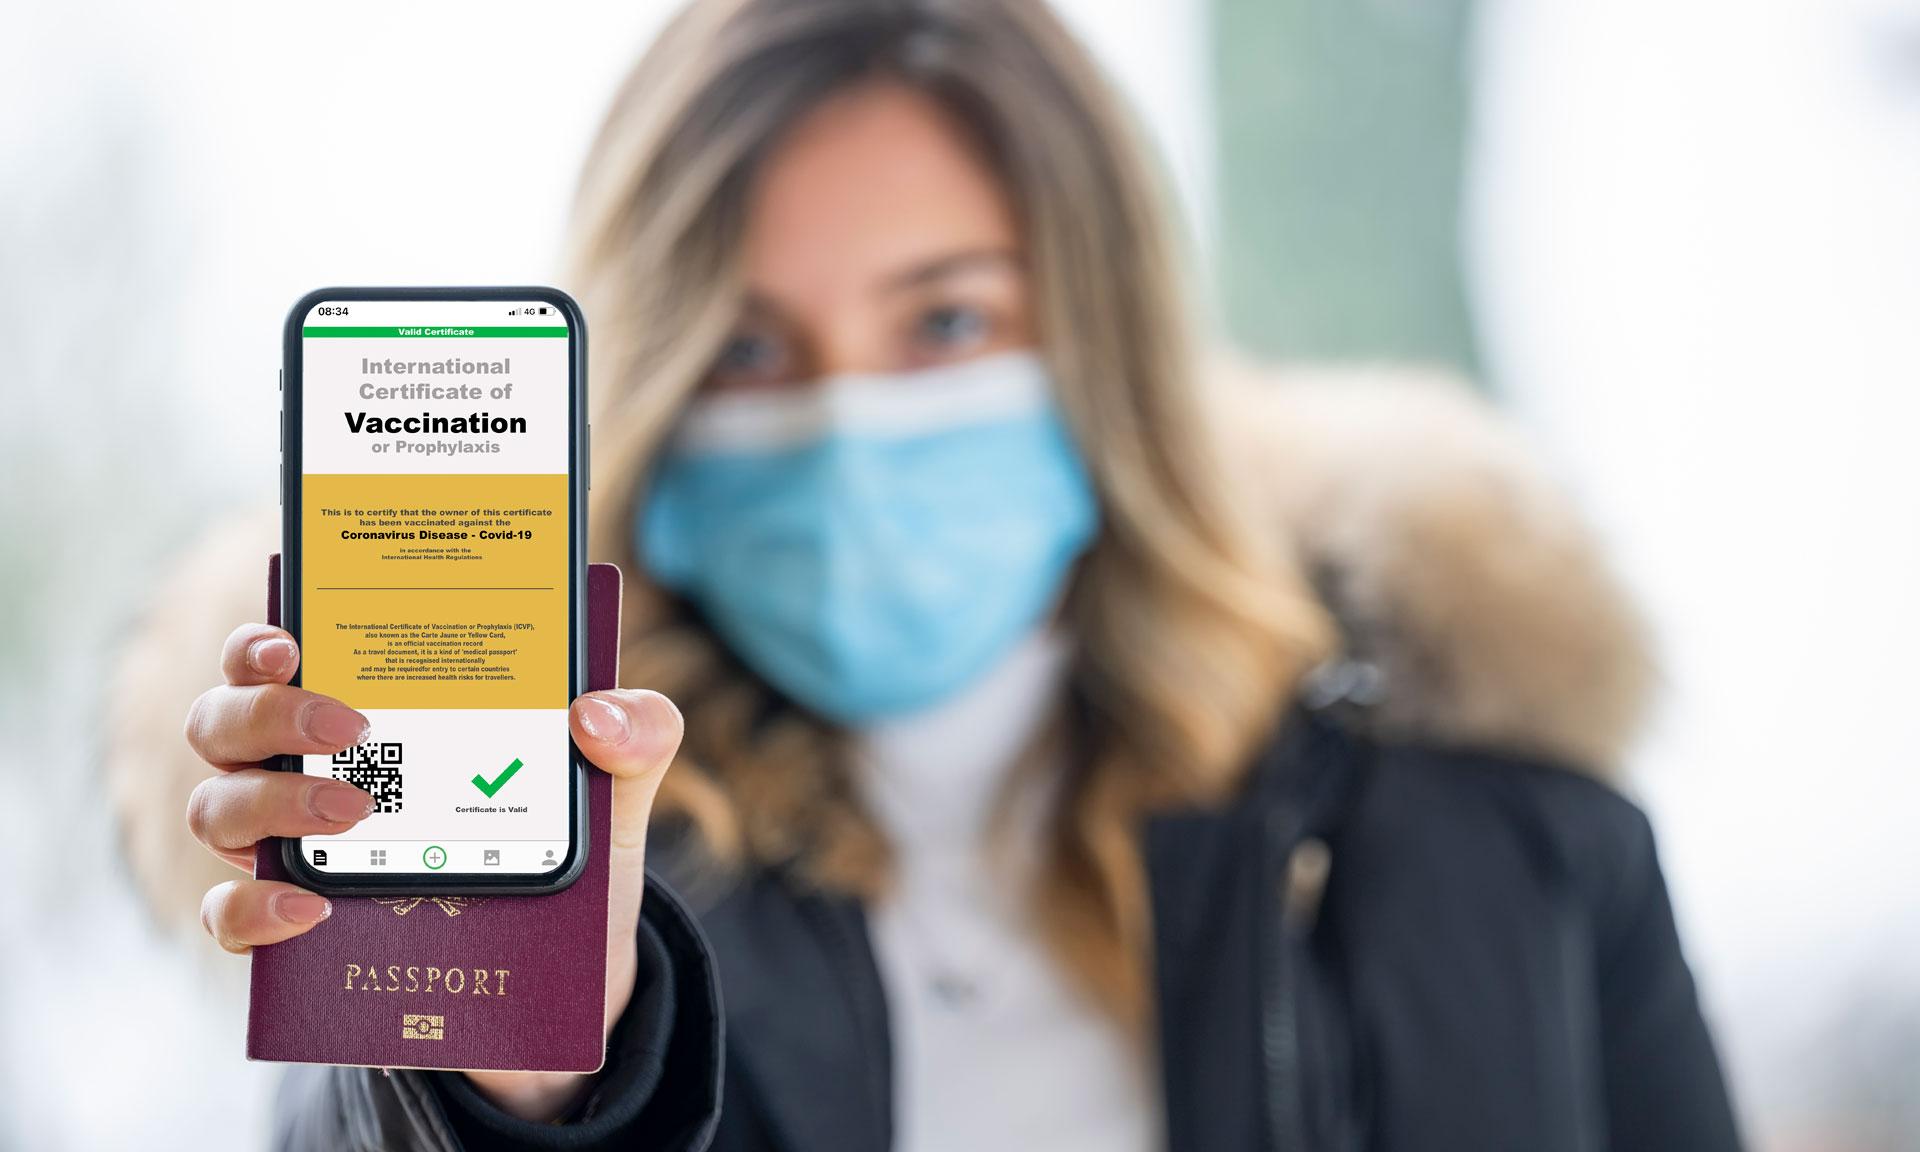 """Διαβατήριο εμβολιασμού: Τι είναι η """"πράσινη κάρτα"""" ταξιδίου και 7 καίριες ερωτήσεις/απαντήσεις..."""